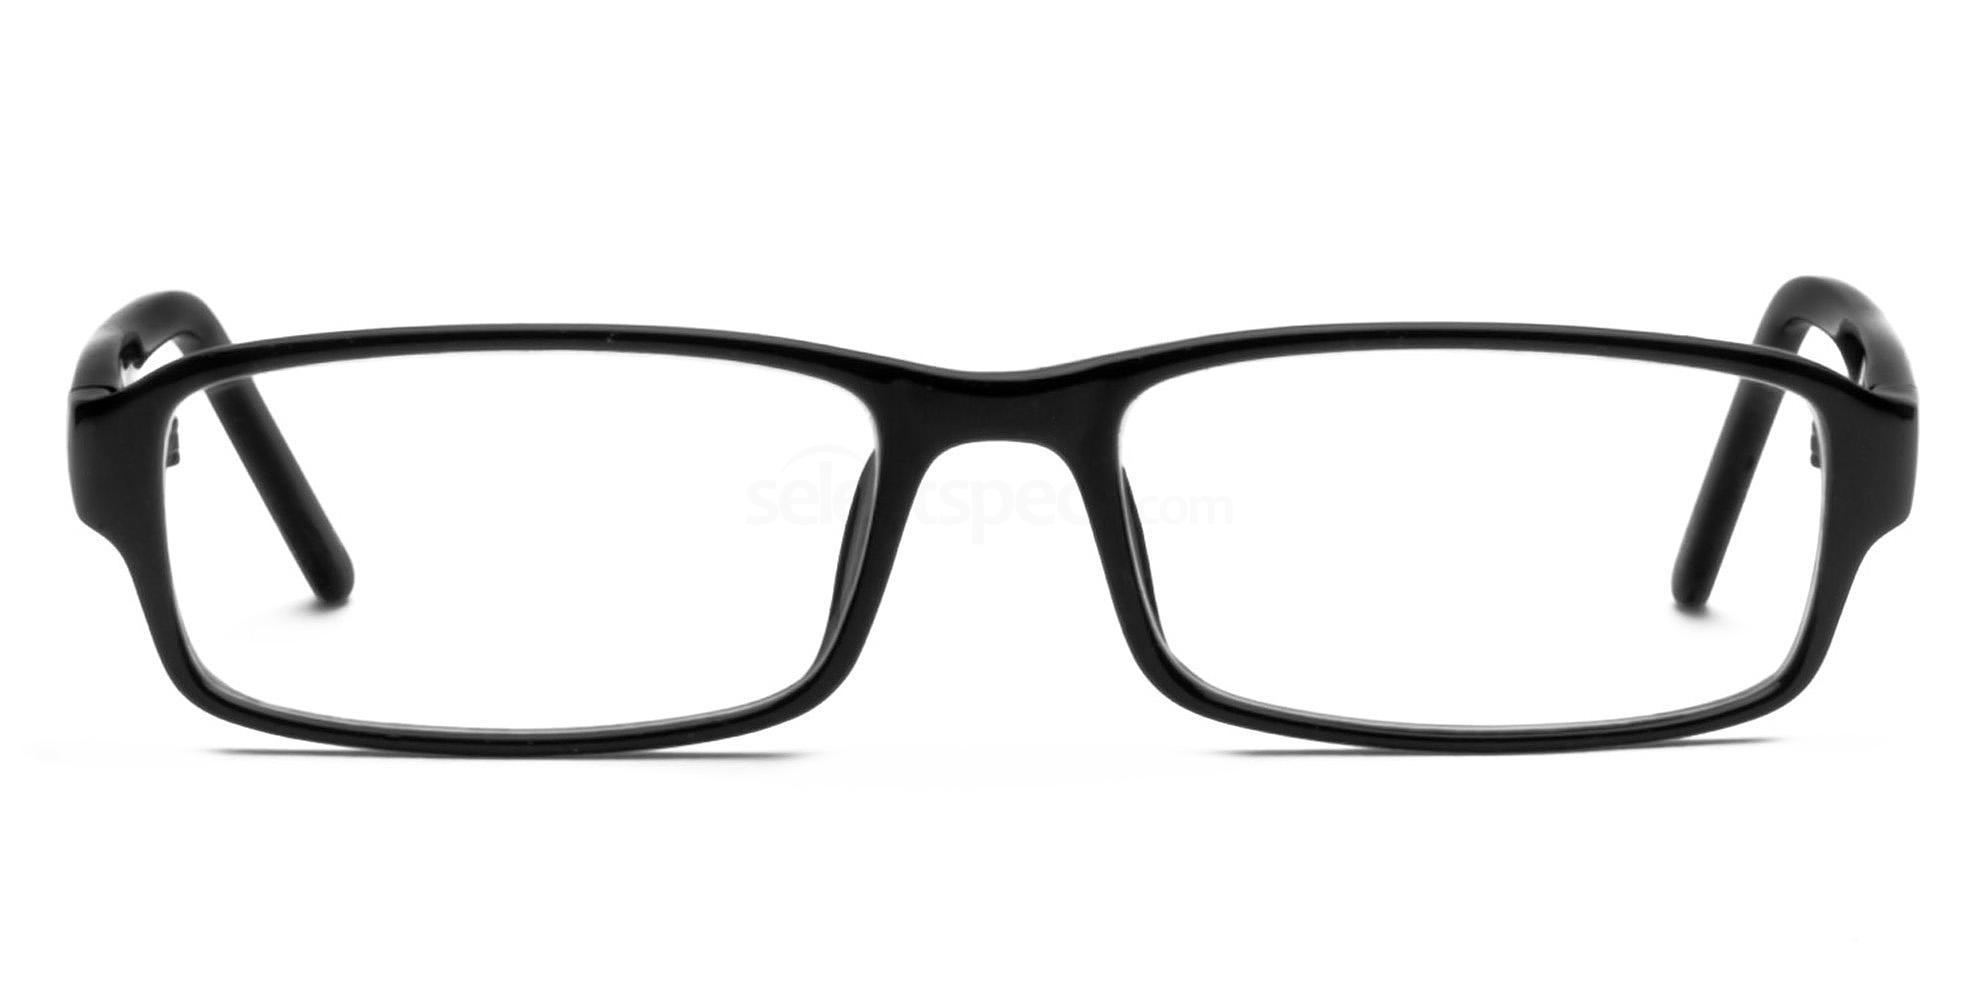 COL 01 2425 Glasses, SelectSpecs